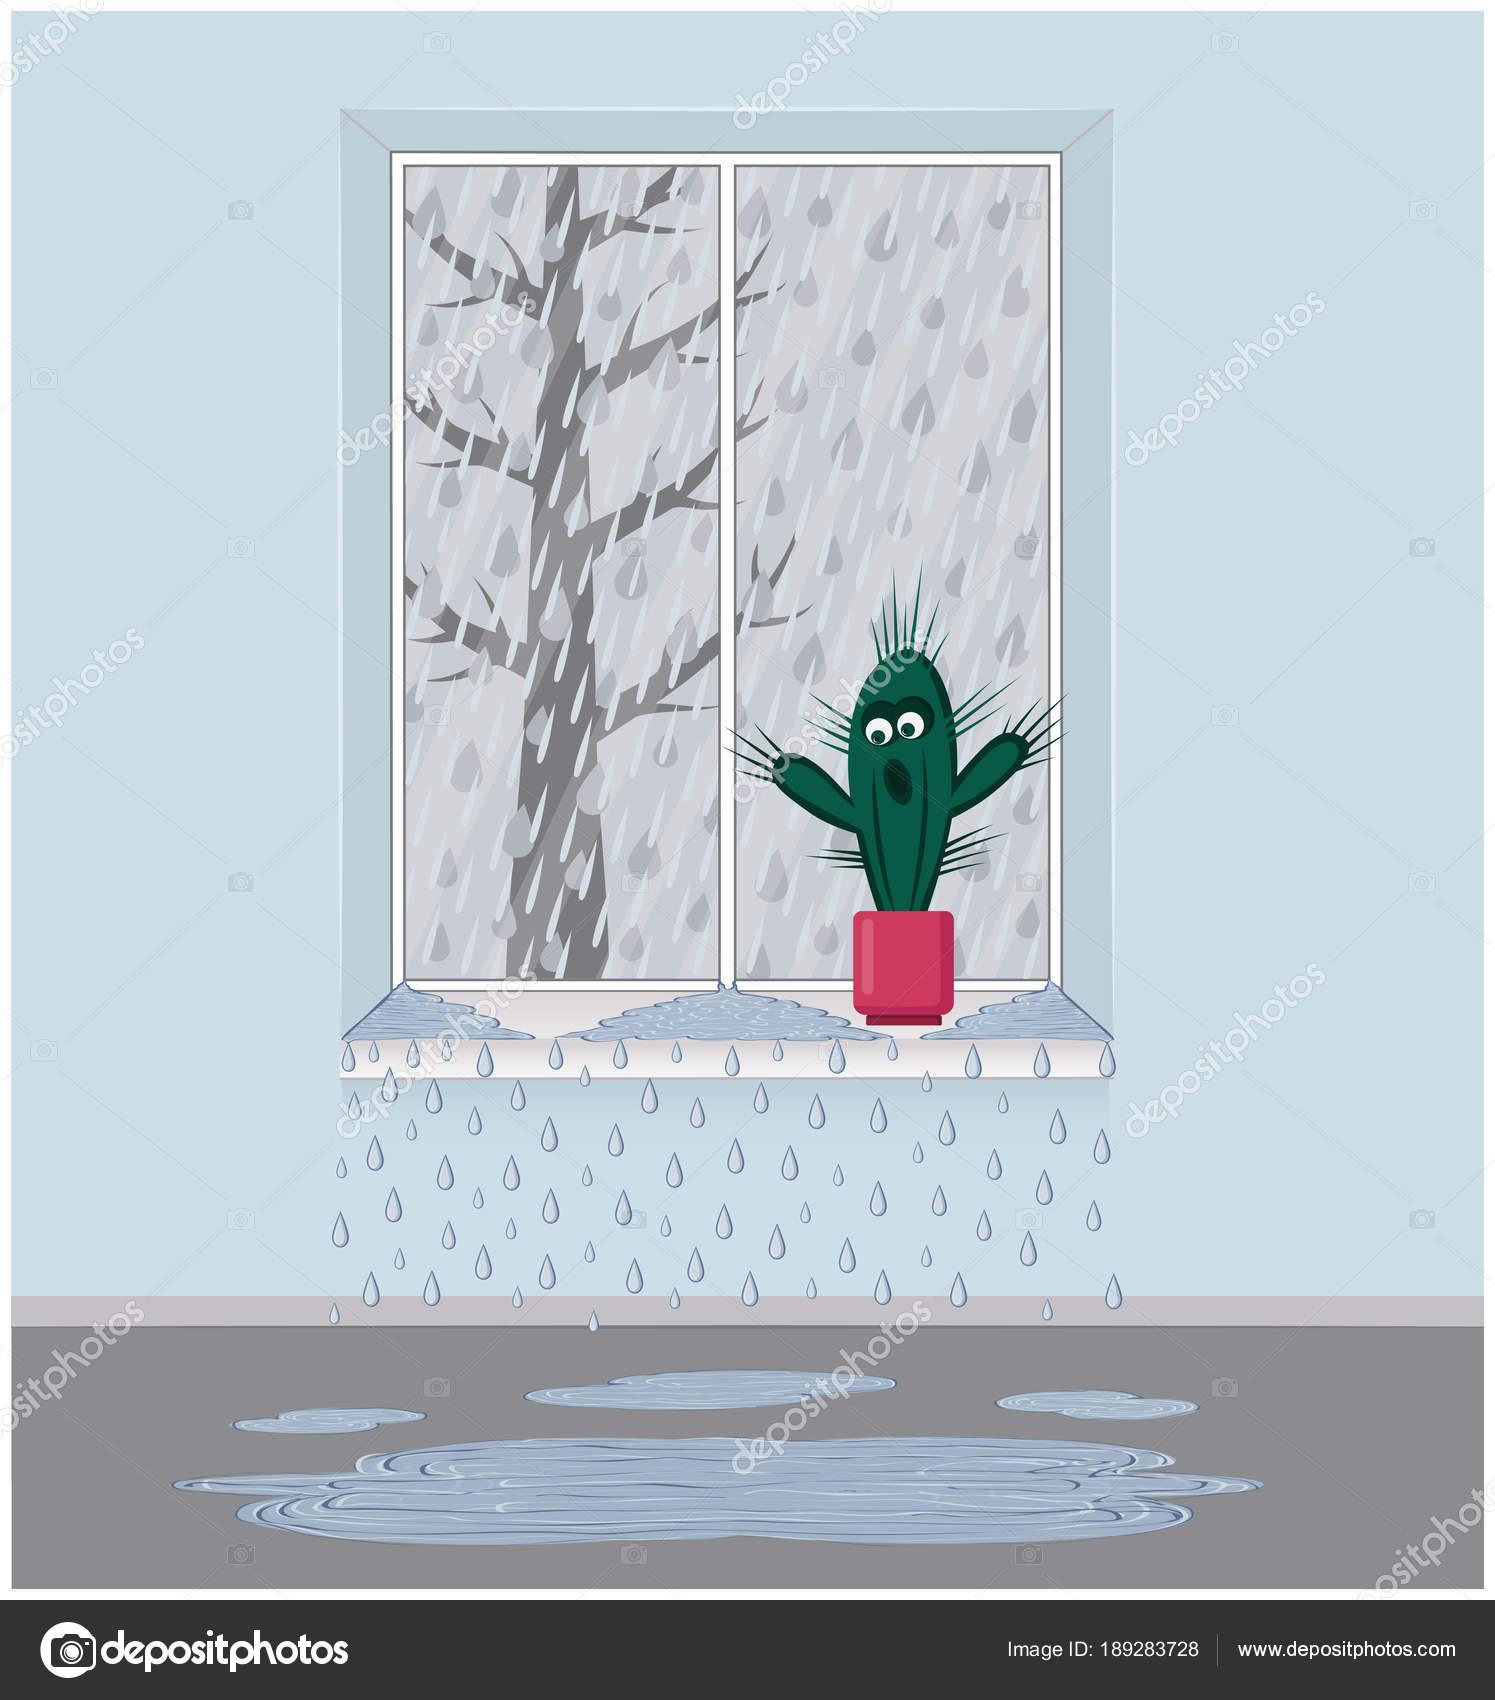 Regen Sie draußen vor dem Fenster. Der Rahmen ist undicht. Die ...